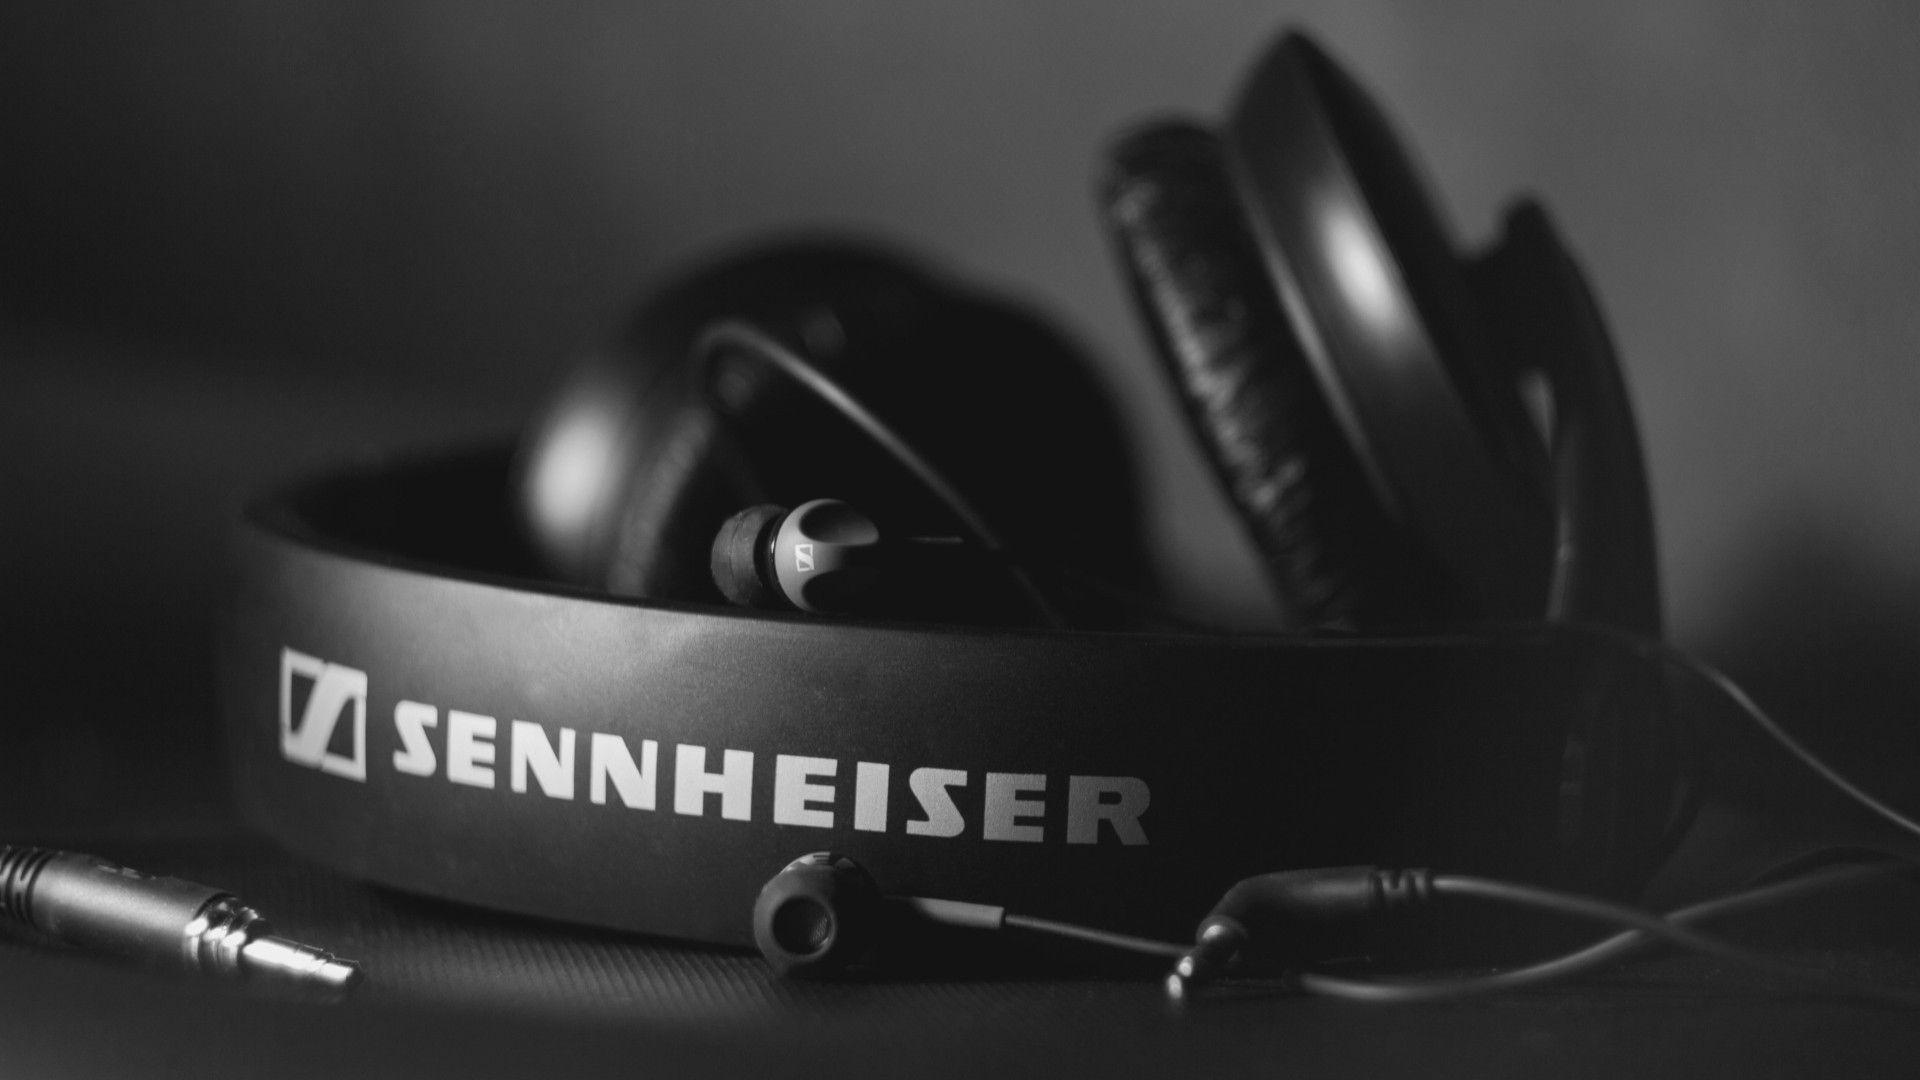 Muziek kan je best luisteren in de gepaste omstandigheden